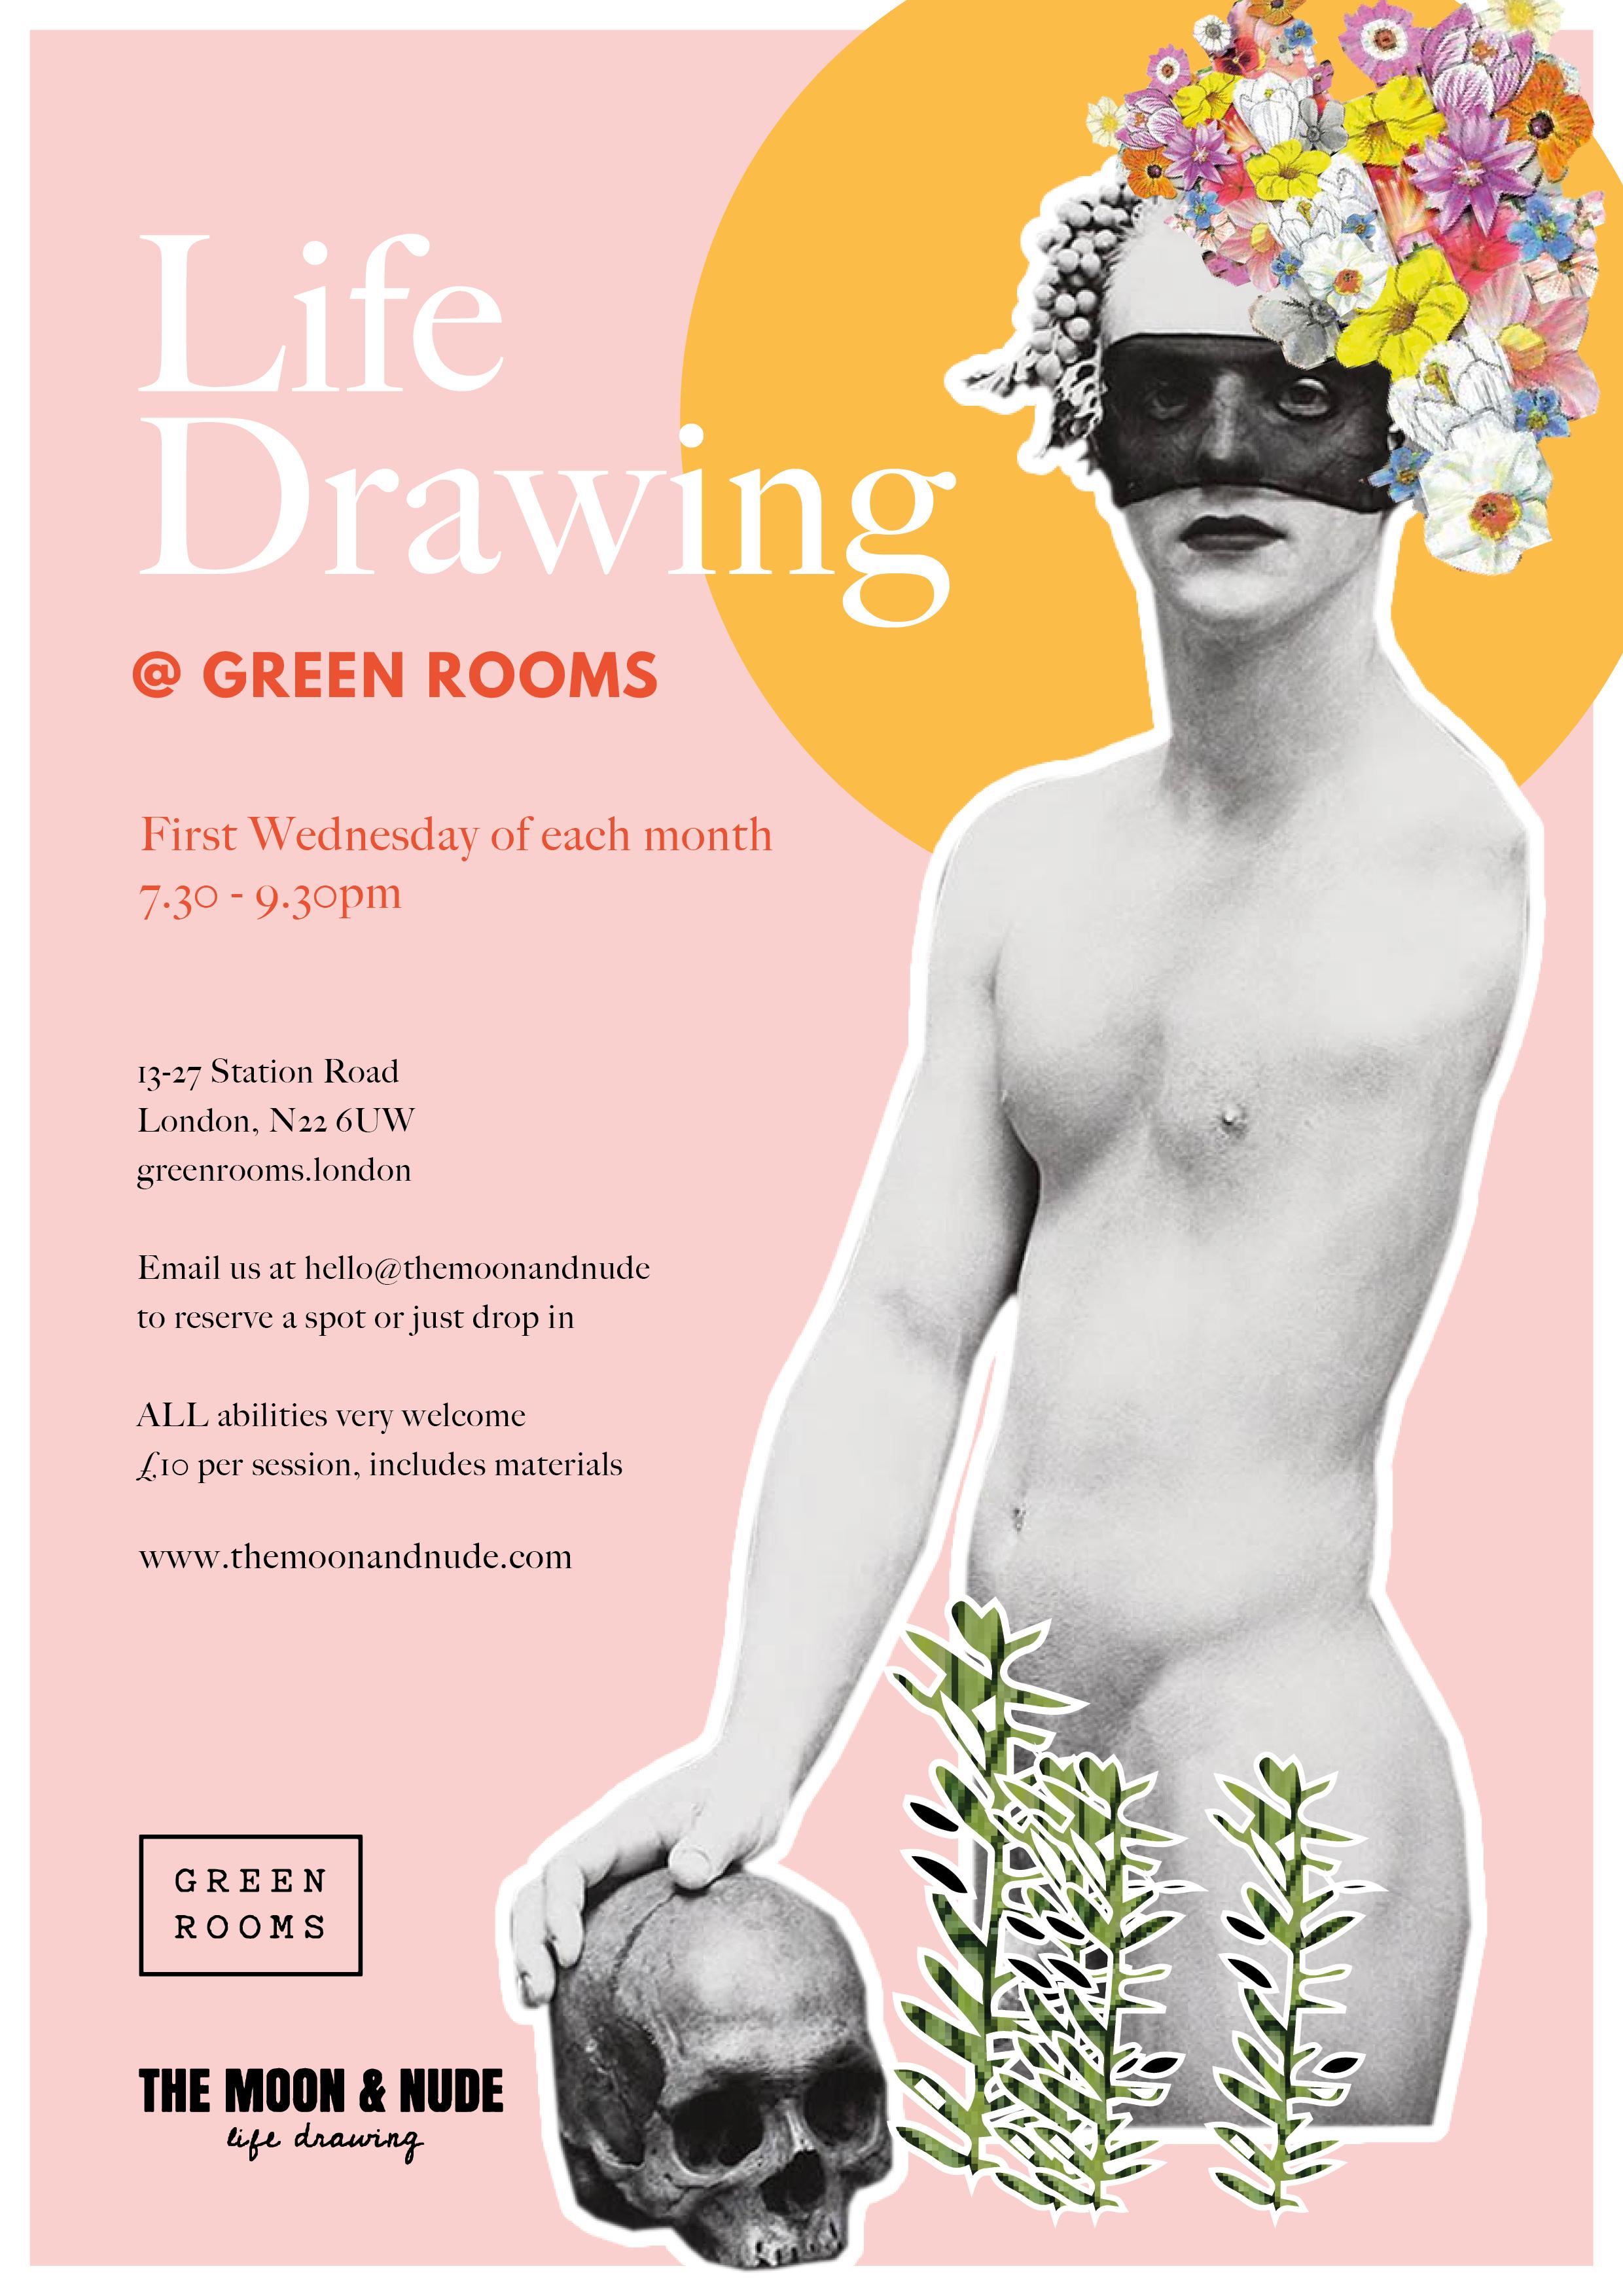 Life drawing at Green Rooms_A.jpg